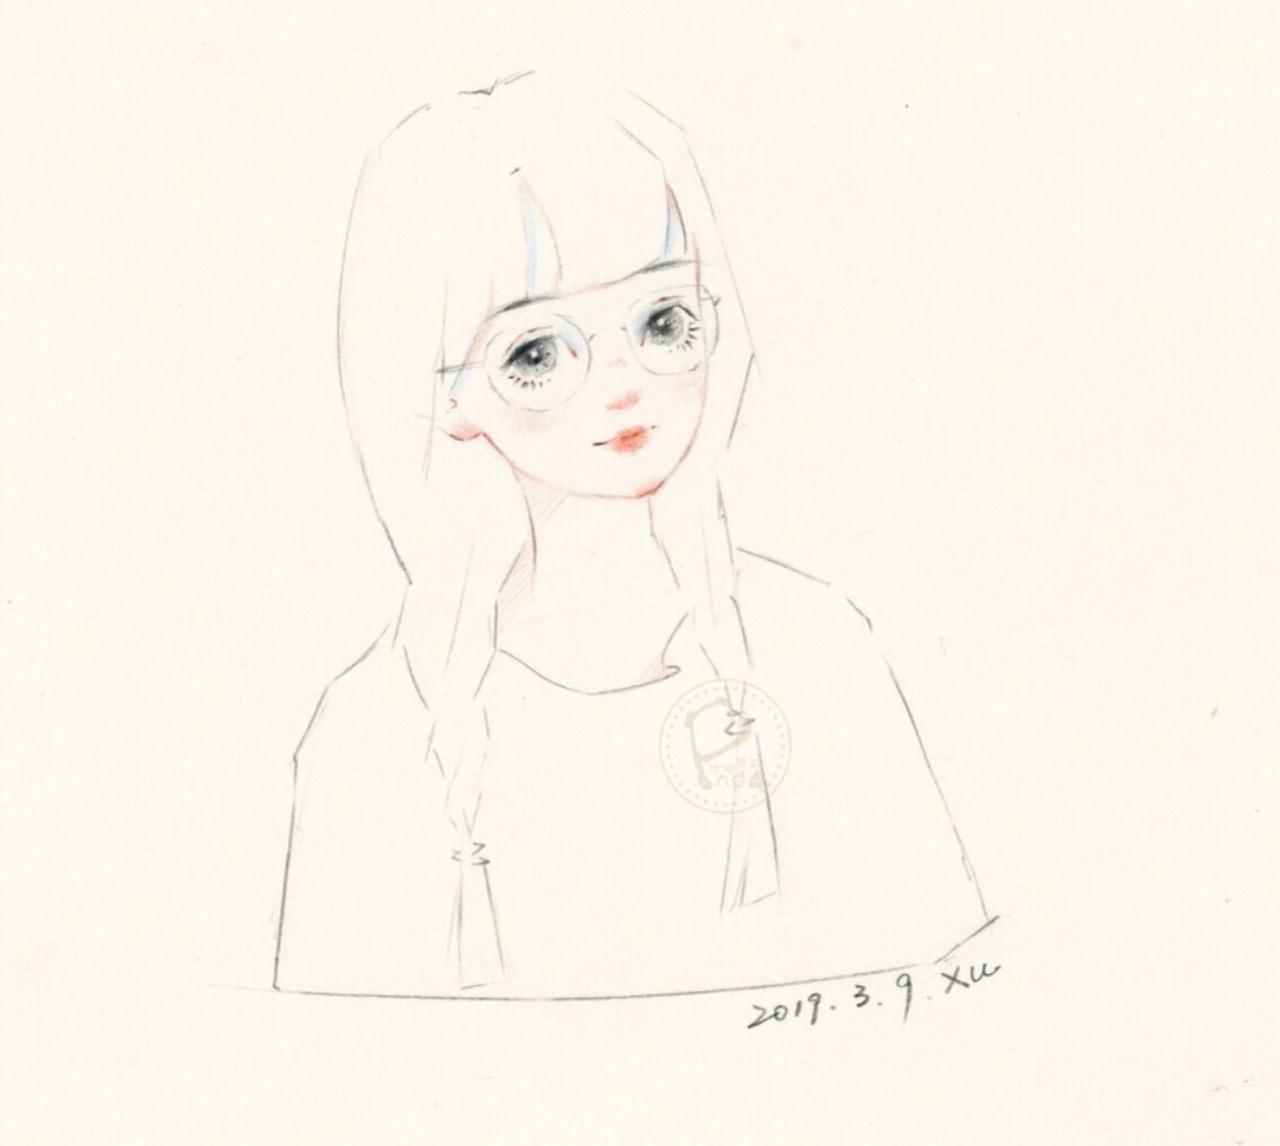 水彩线稿卡通手绘少女插画性感可爱彩铅头像壁纸图片